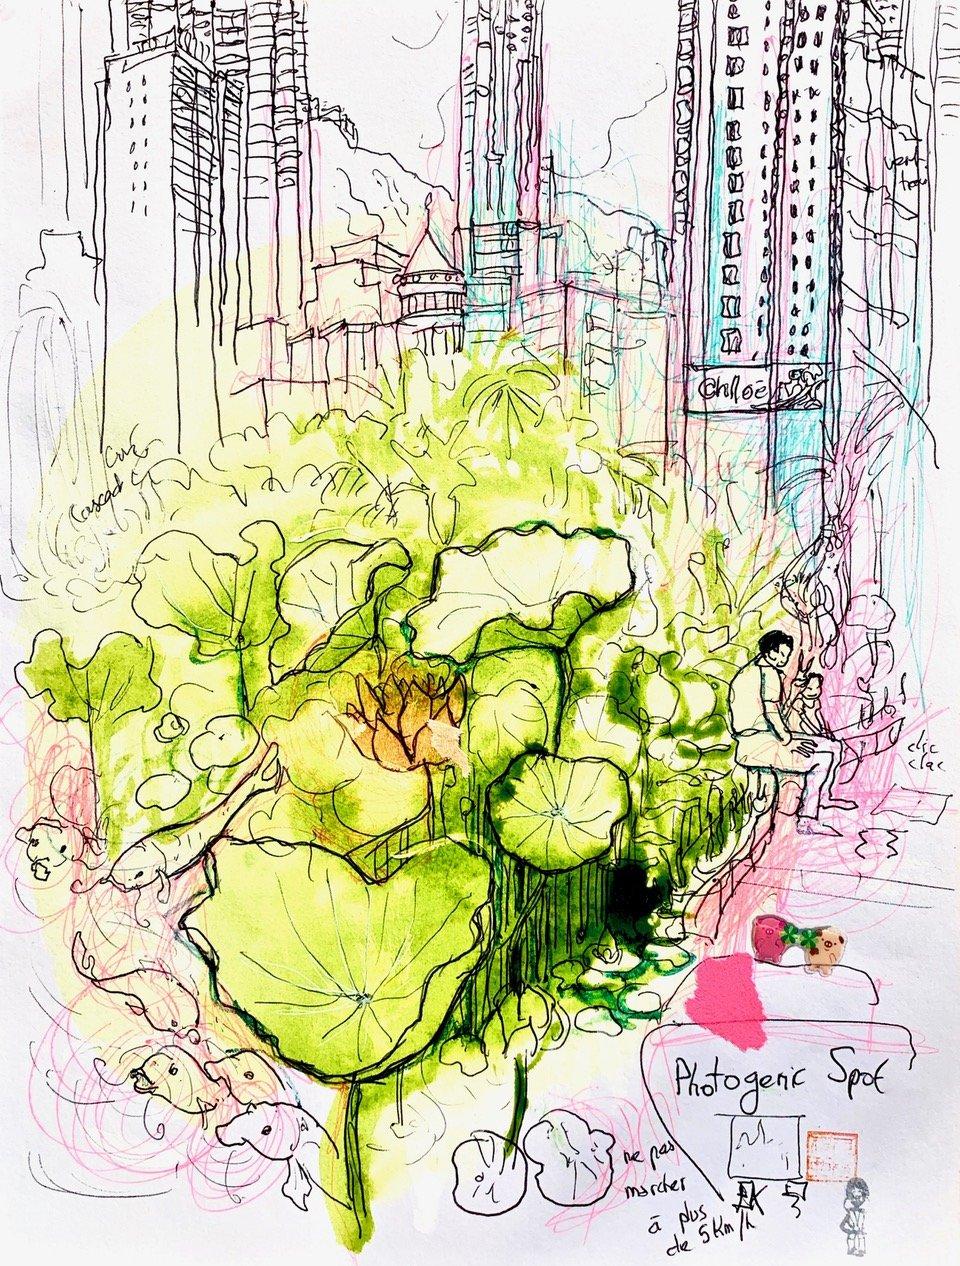 16 Hong Kong, encre sur papier, 2011